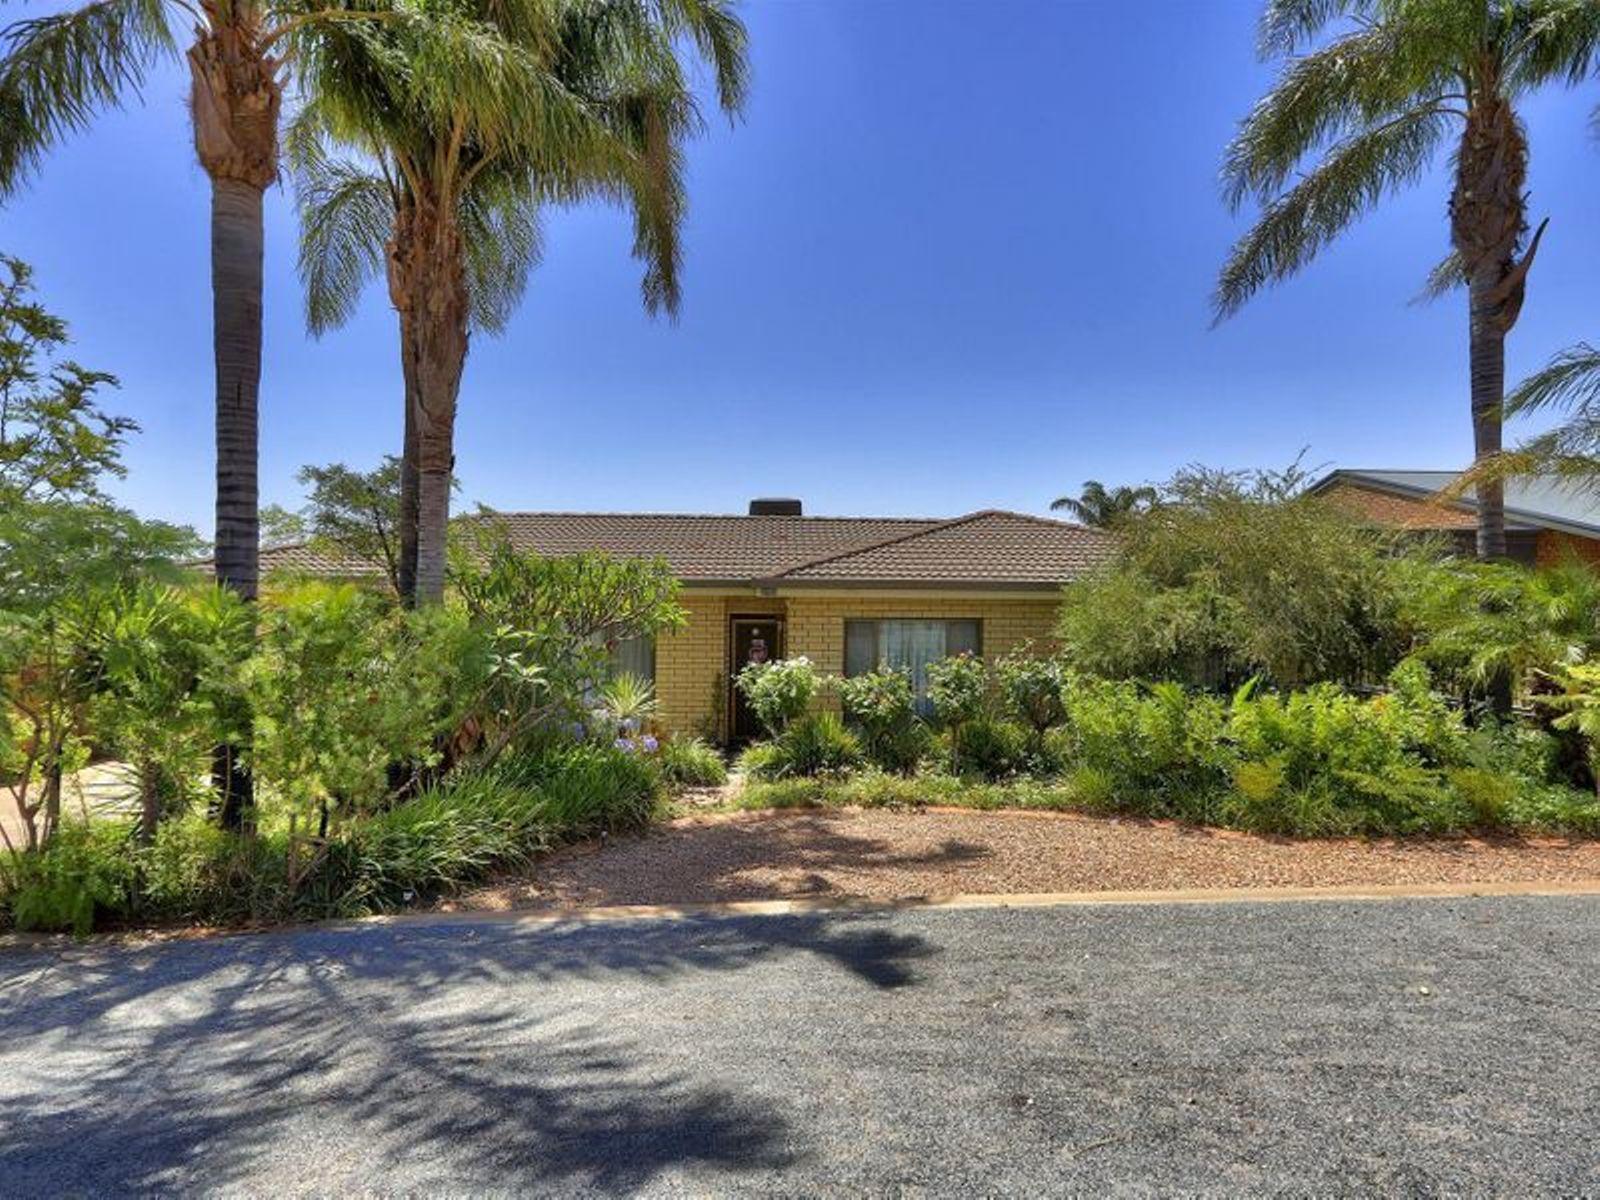 624 Cummins Street, Broken Hill, NSW 2880